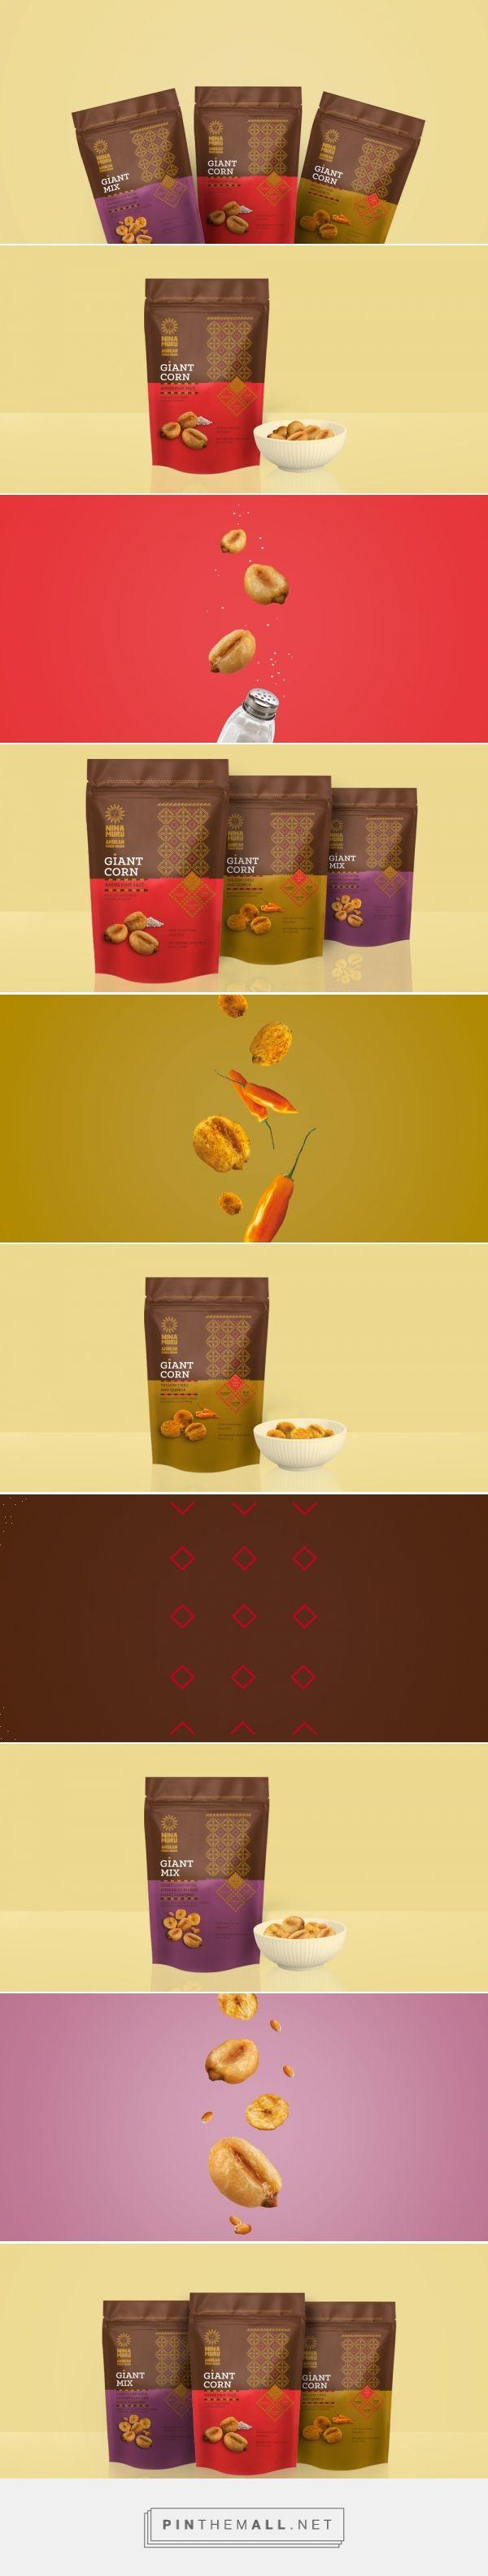 Nina Muru Snacks — The Dieline - Branding & Packaging